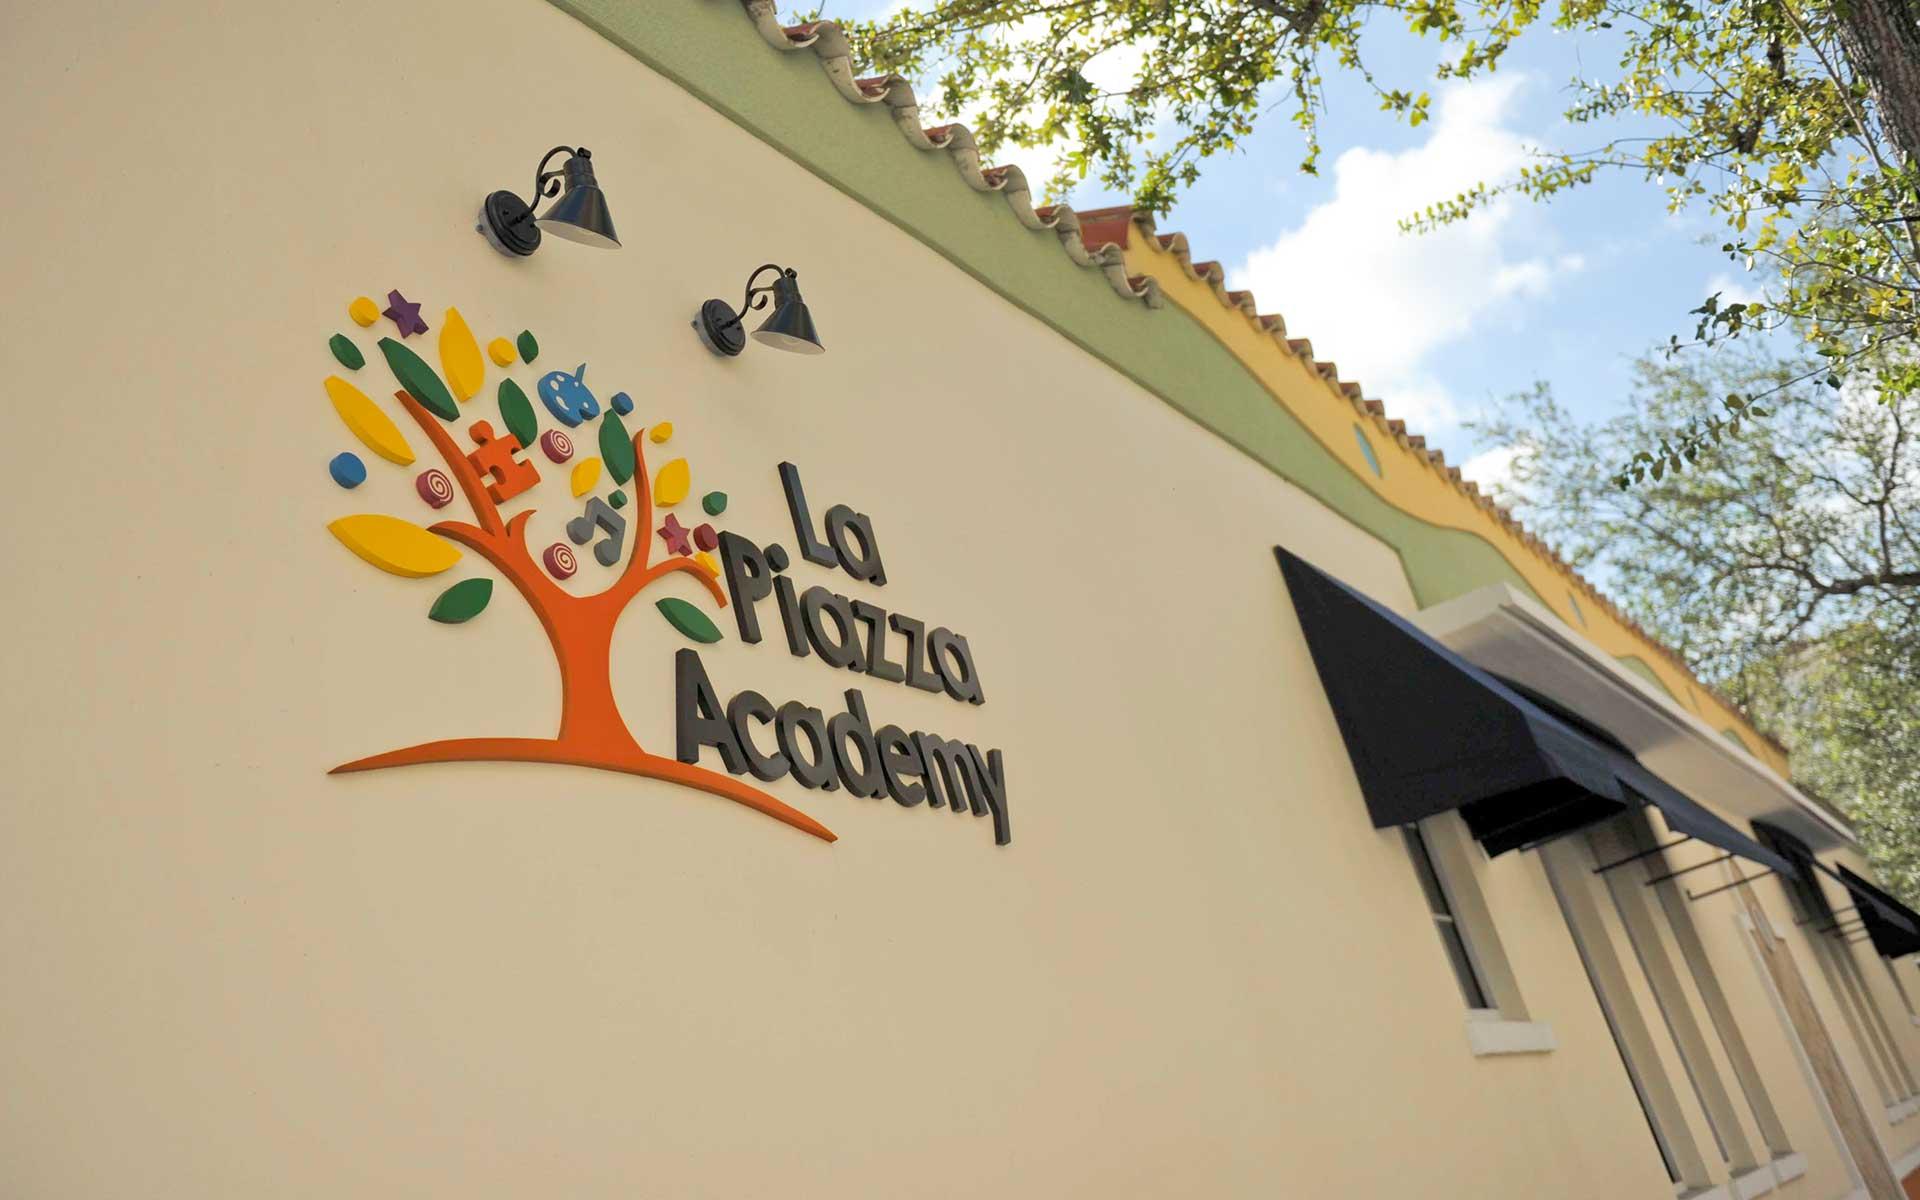 Coconut Grove Private School of Miami